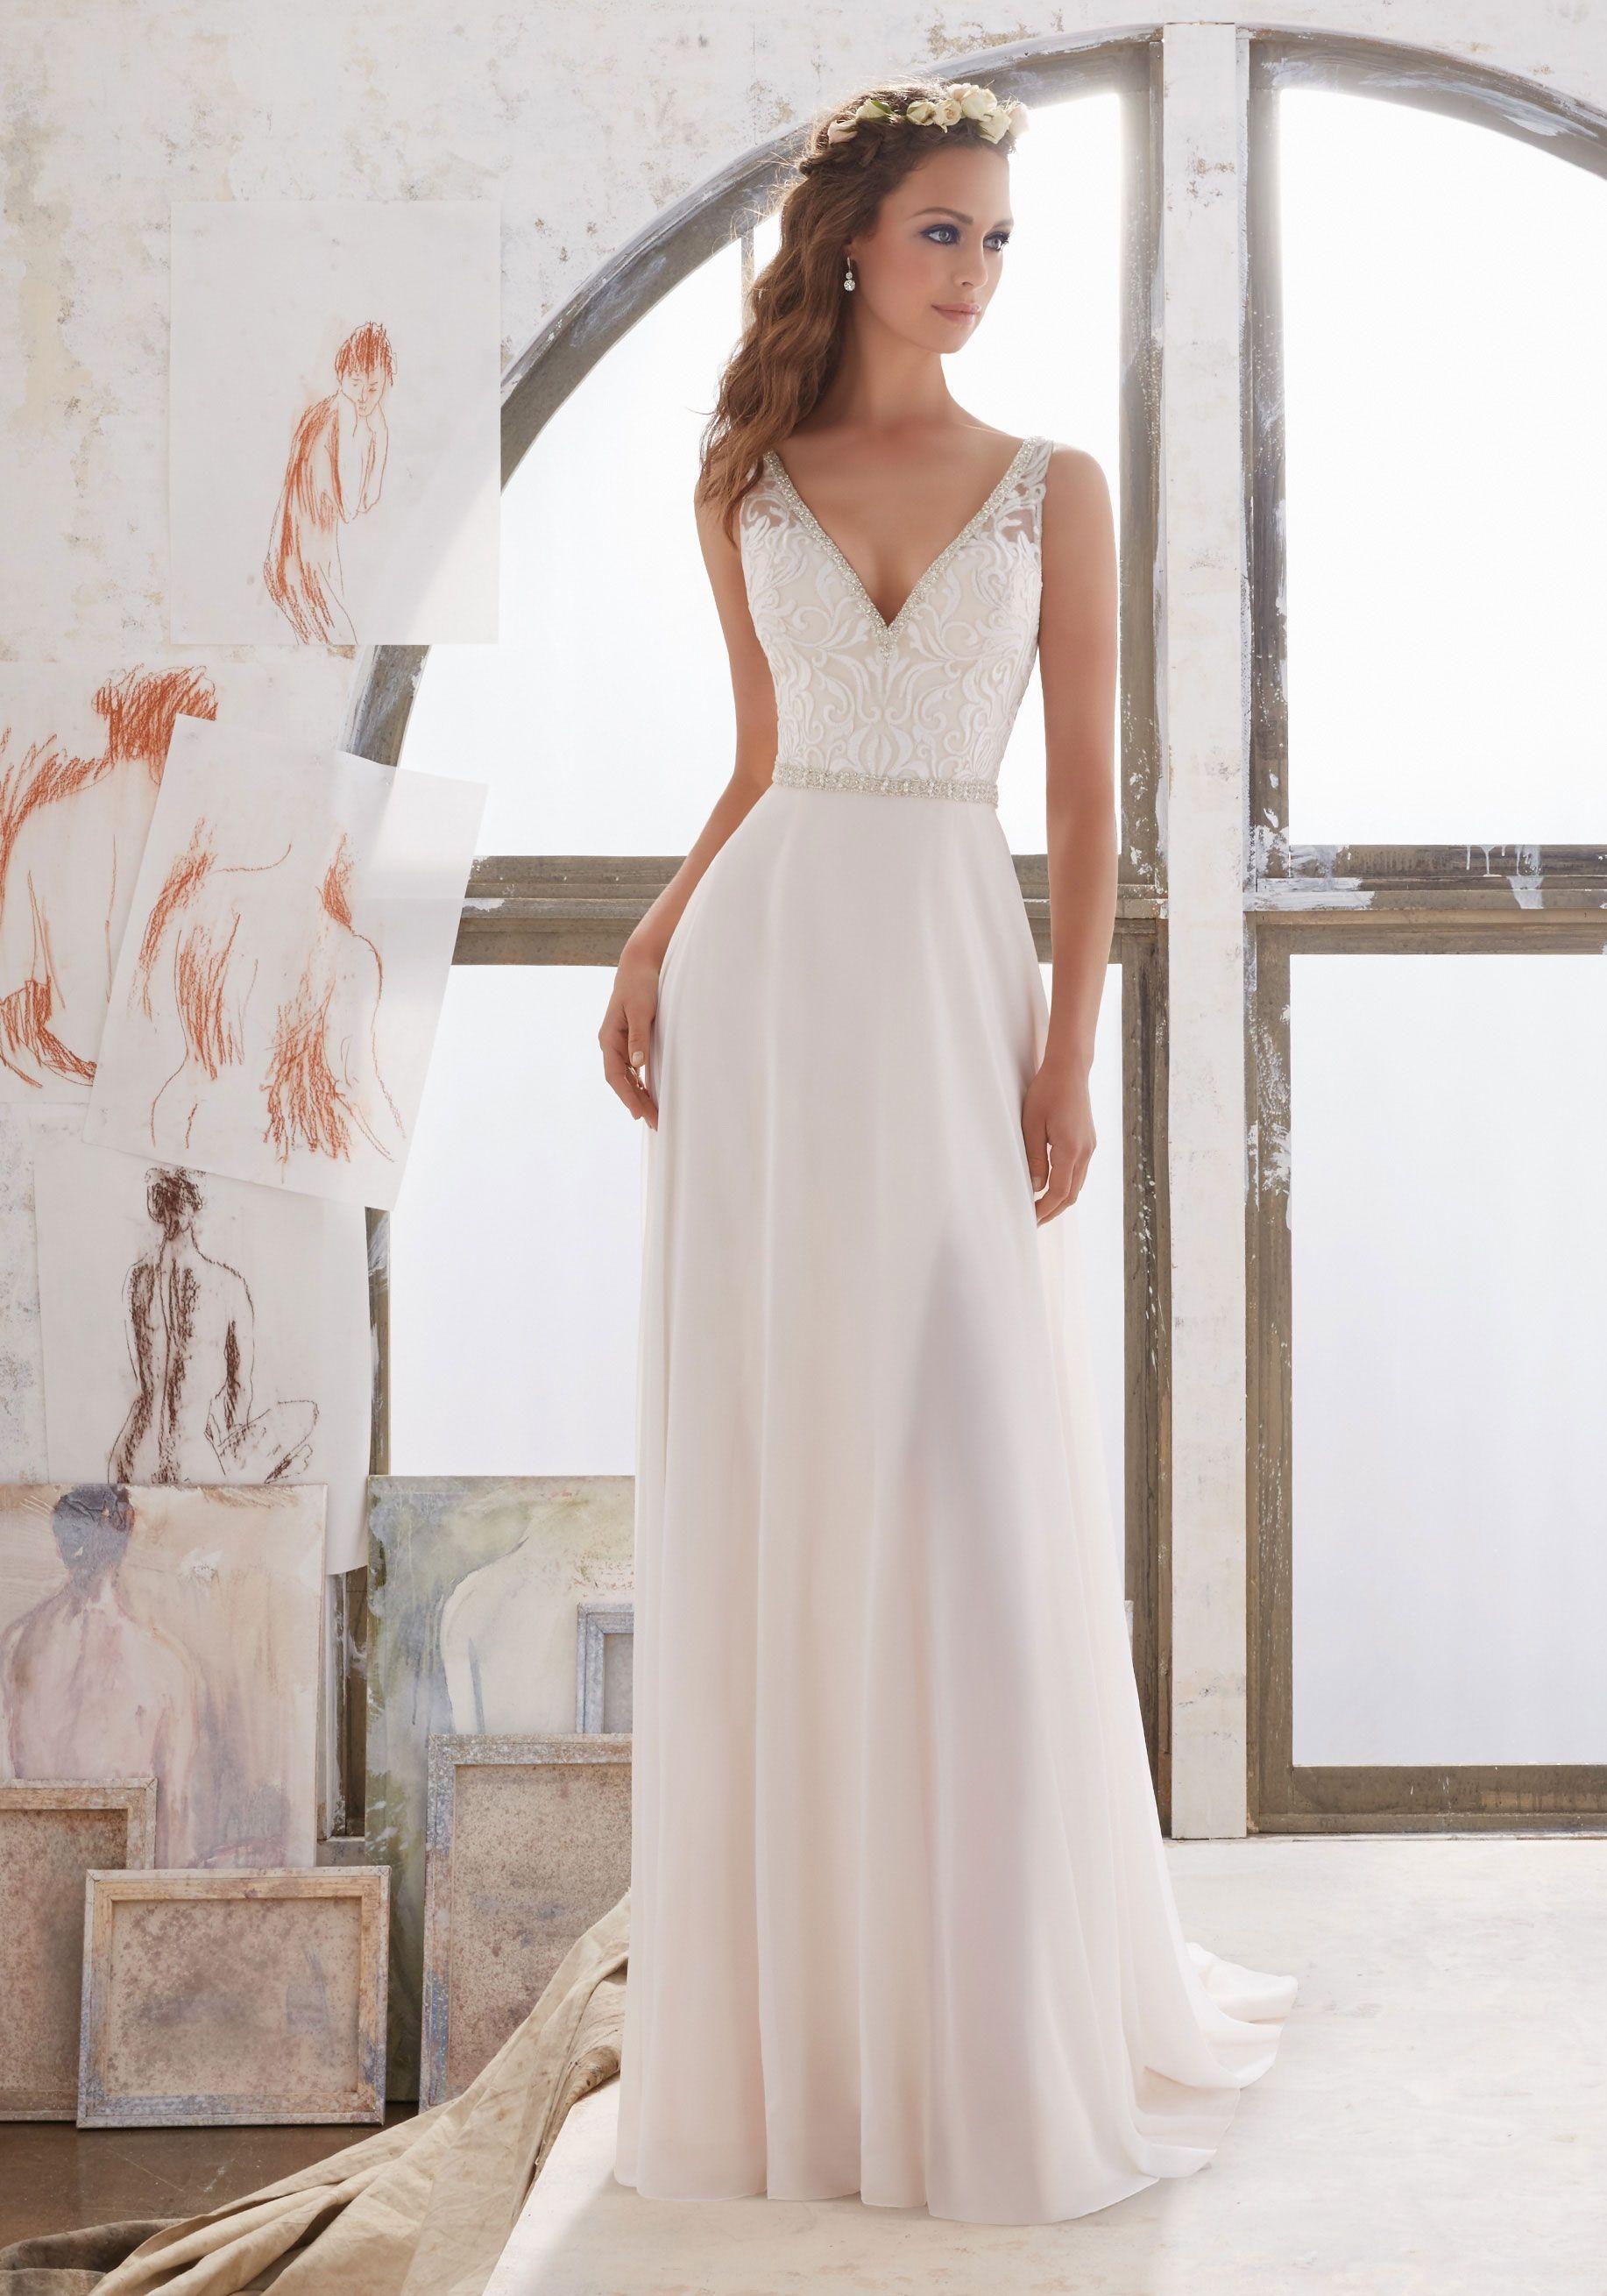 Boda civil sin vestido de novia